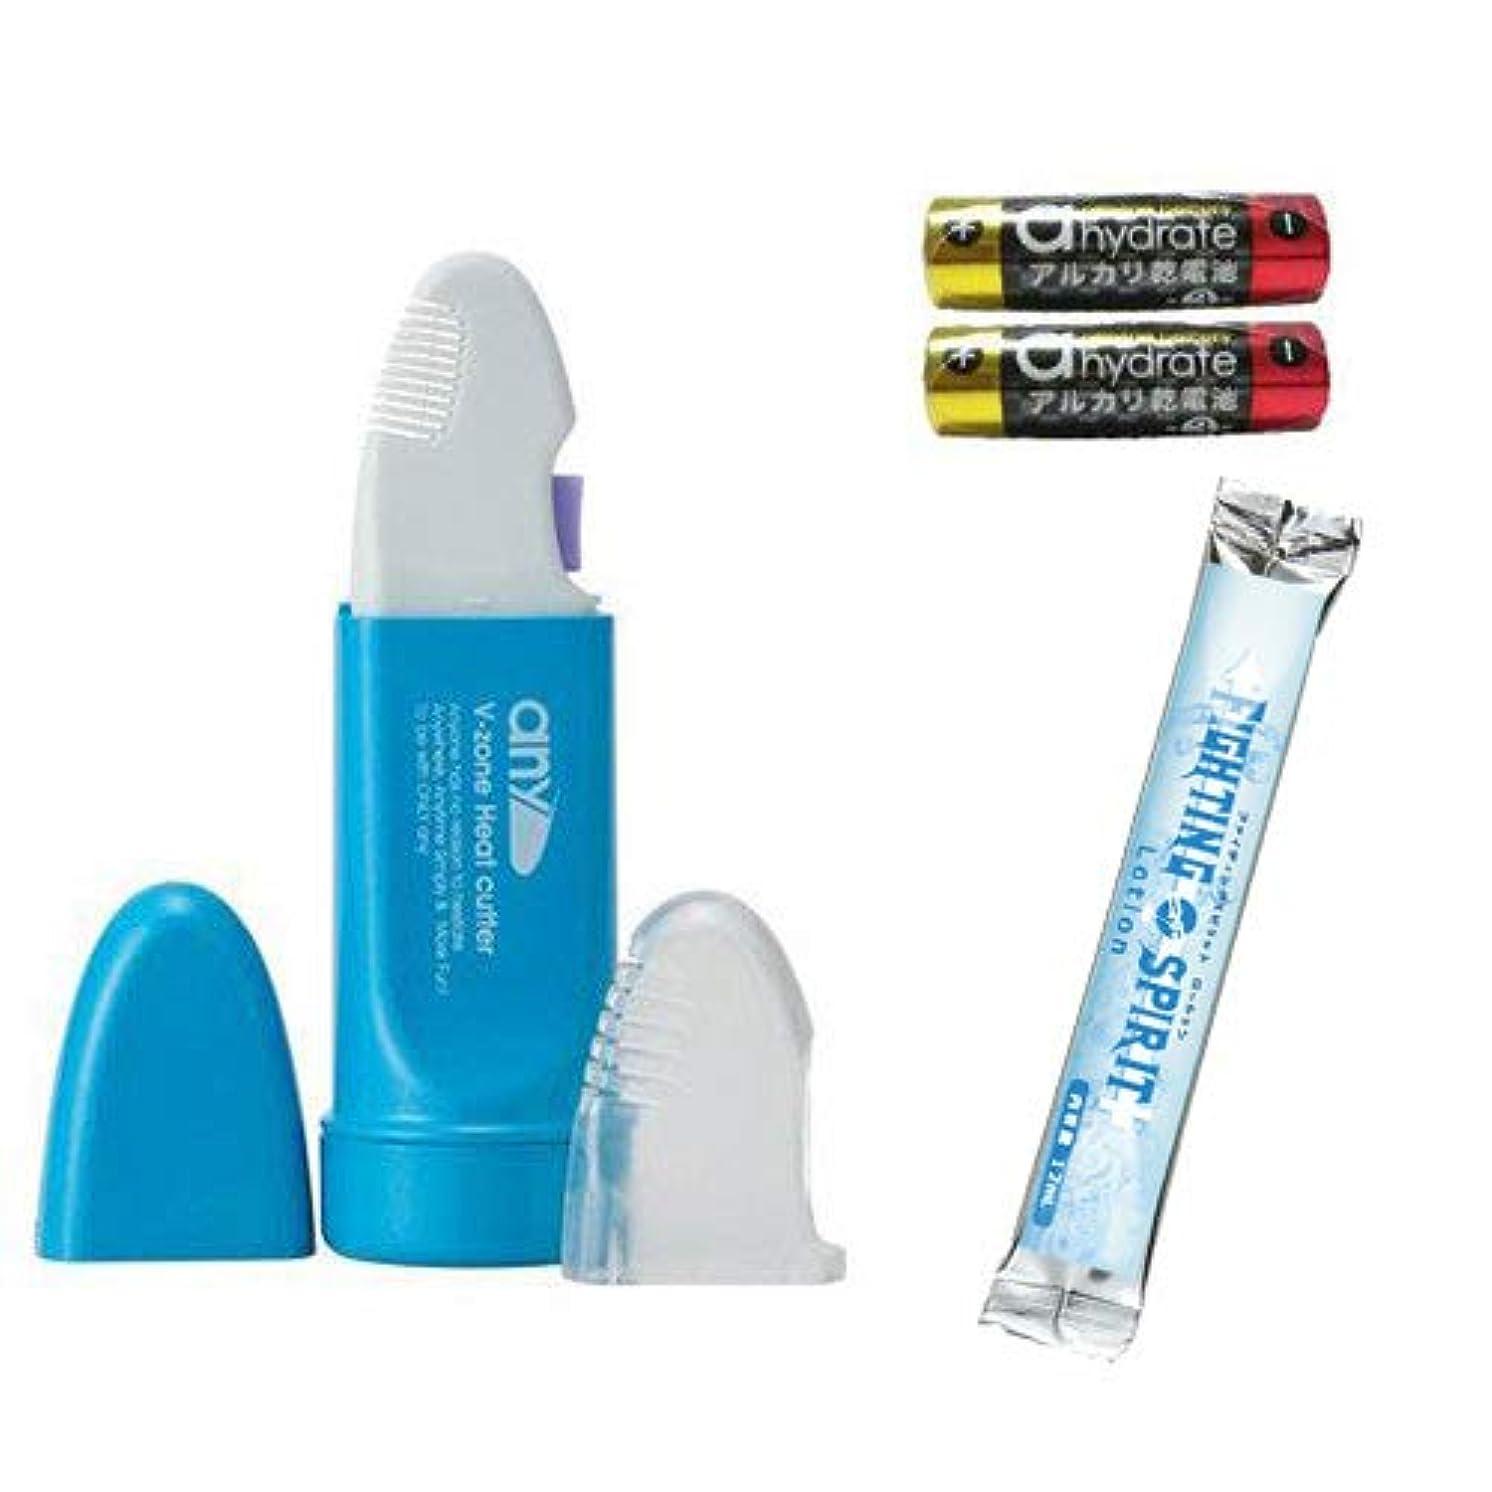 飢バウンド会社V-Zone Heat Cutter any(エニィ) Stylish マリンブルー + 単3アルカリ電池2本付きセット + ファイティングスピリットローション(12mL) 付き